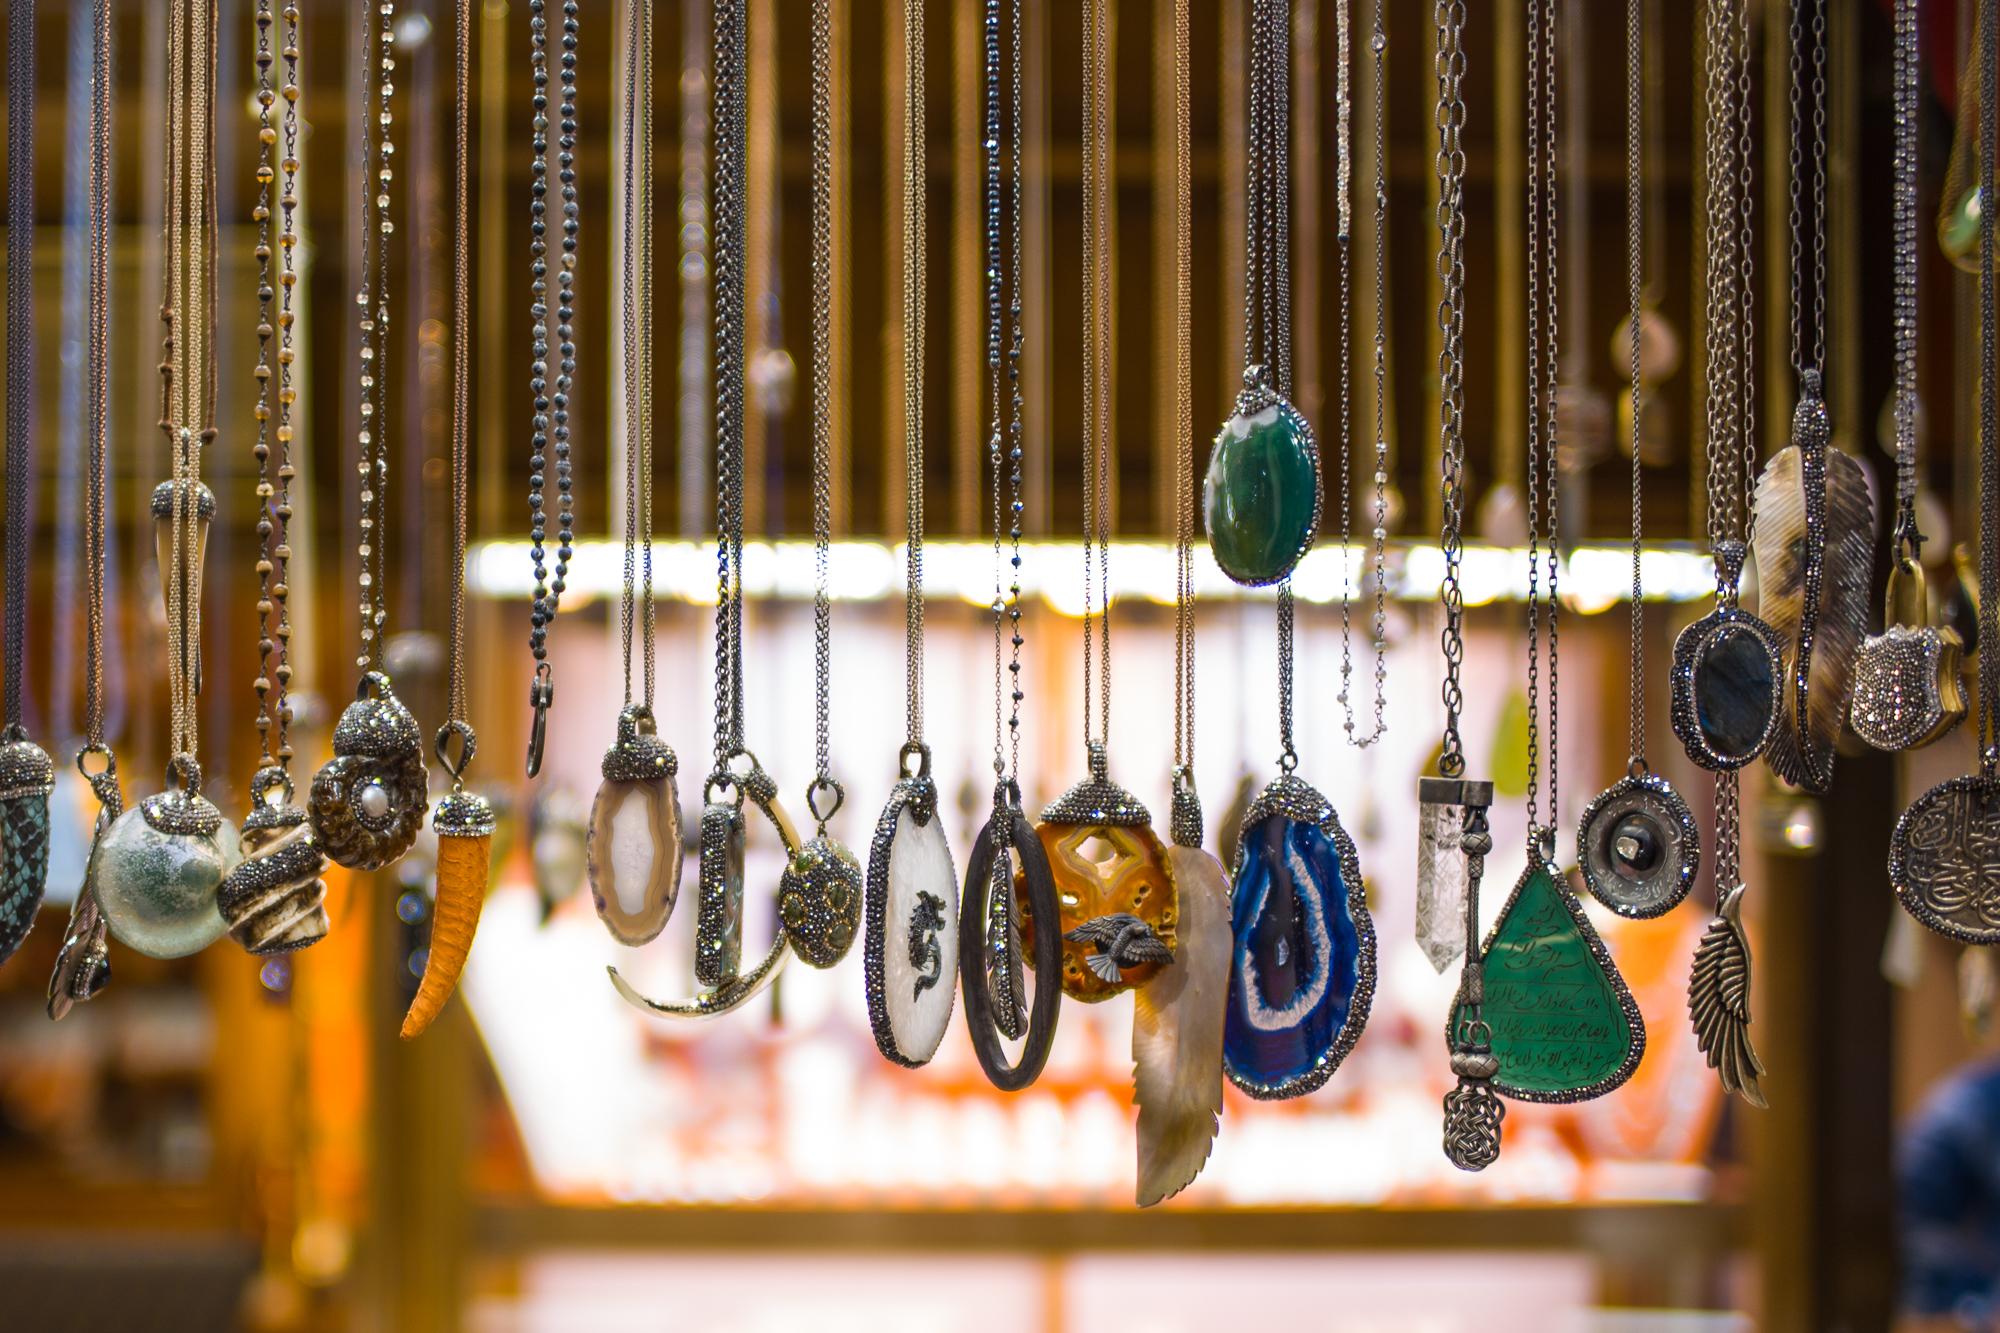 Jewelry in the Grand Bazaar